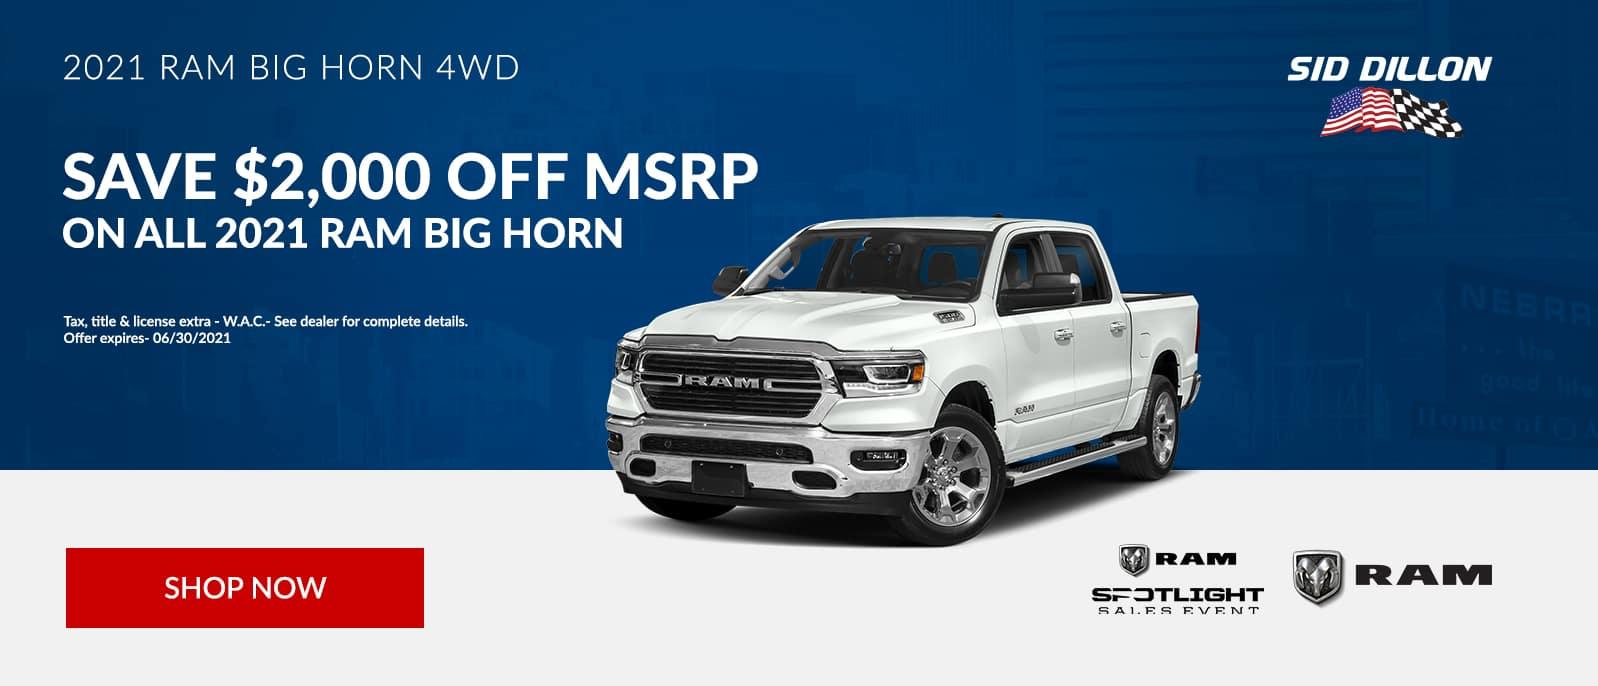 2021 RAM Big Horn